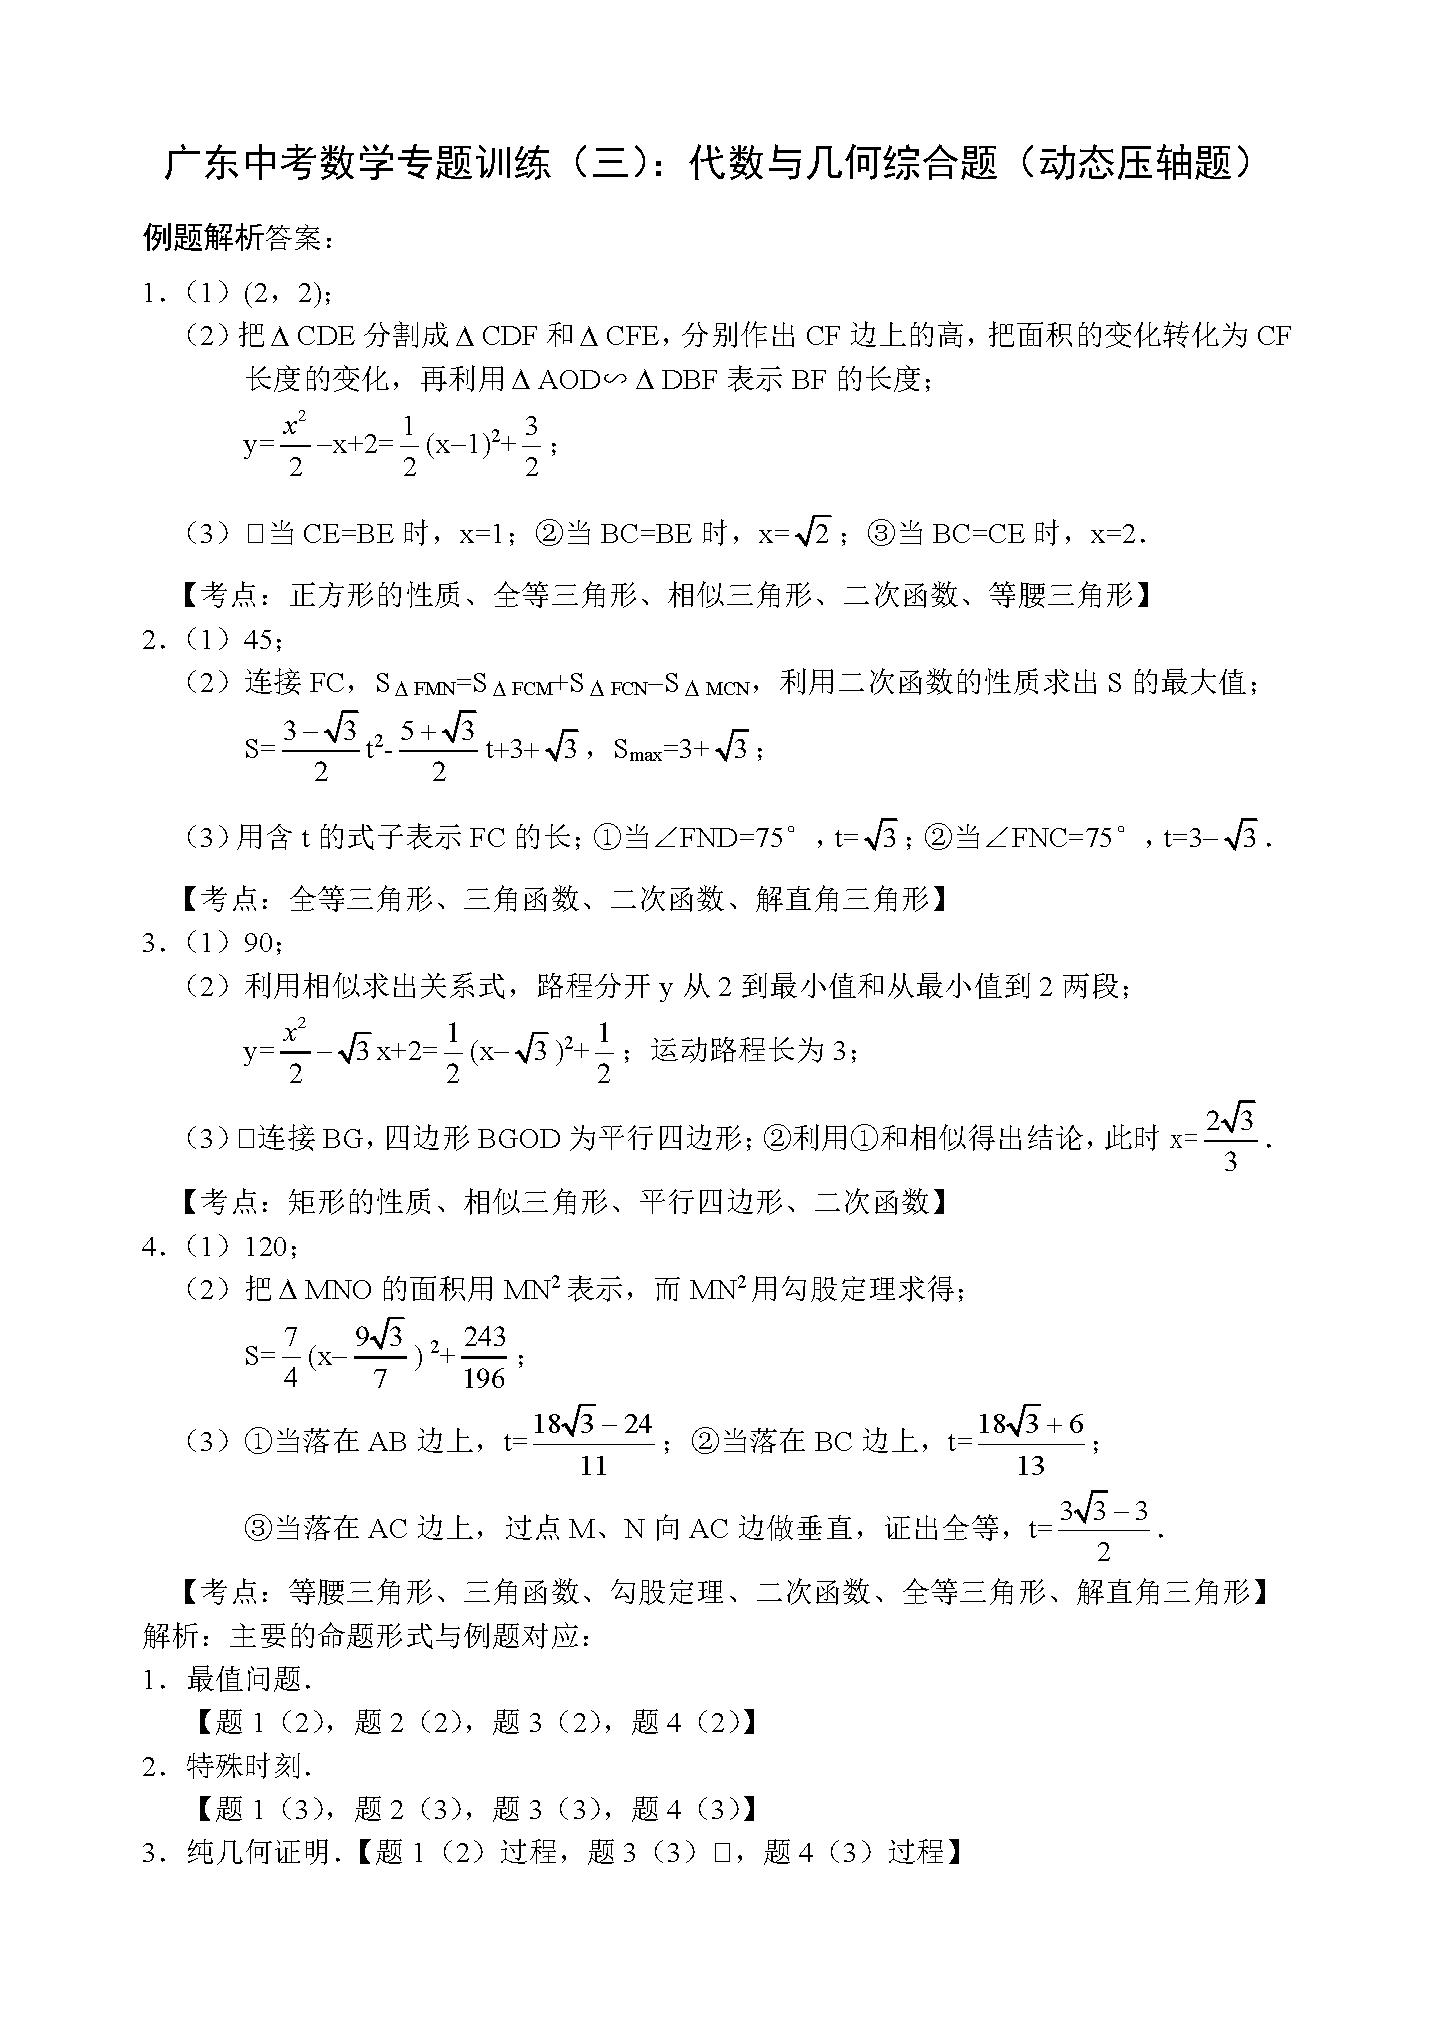 2018广东中考数学压轴训练之代数与几何综合题答案(图片版)